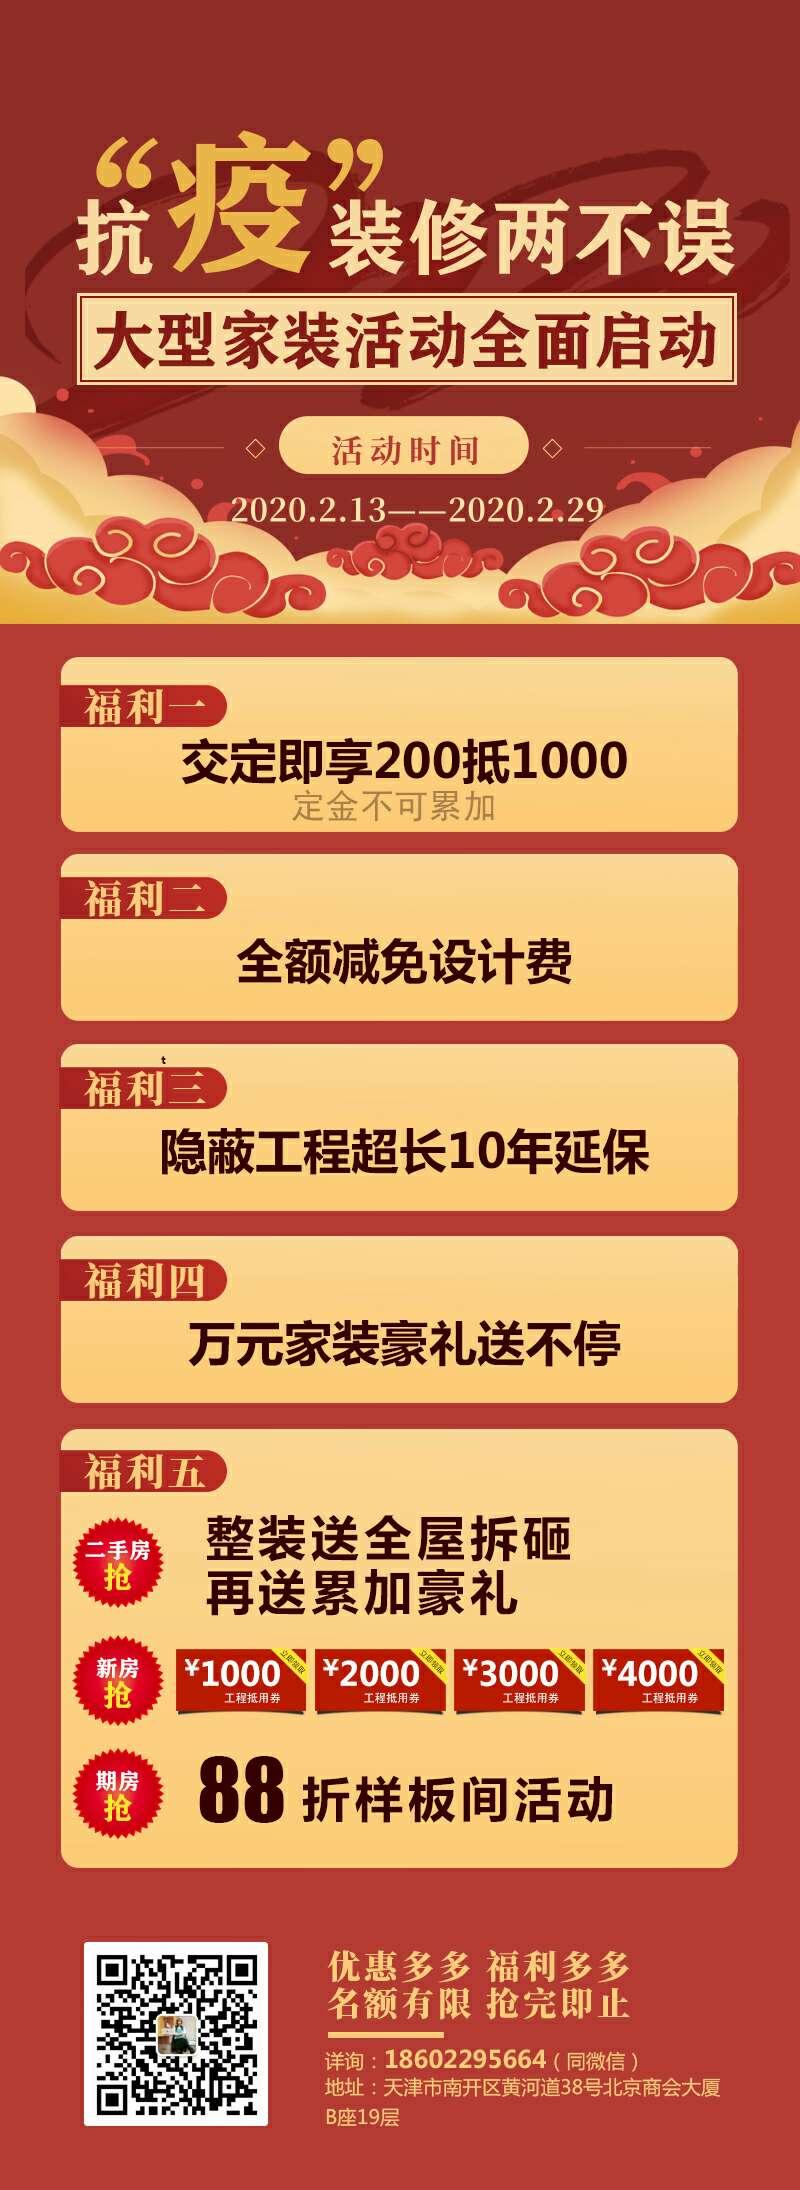 万博ManBetX原生app装饰,天津装修公司